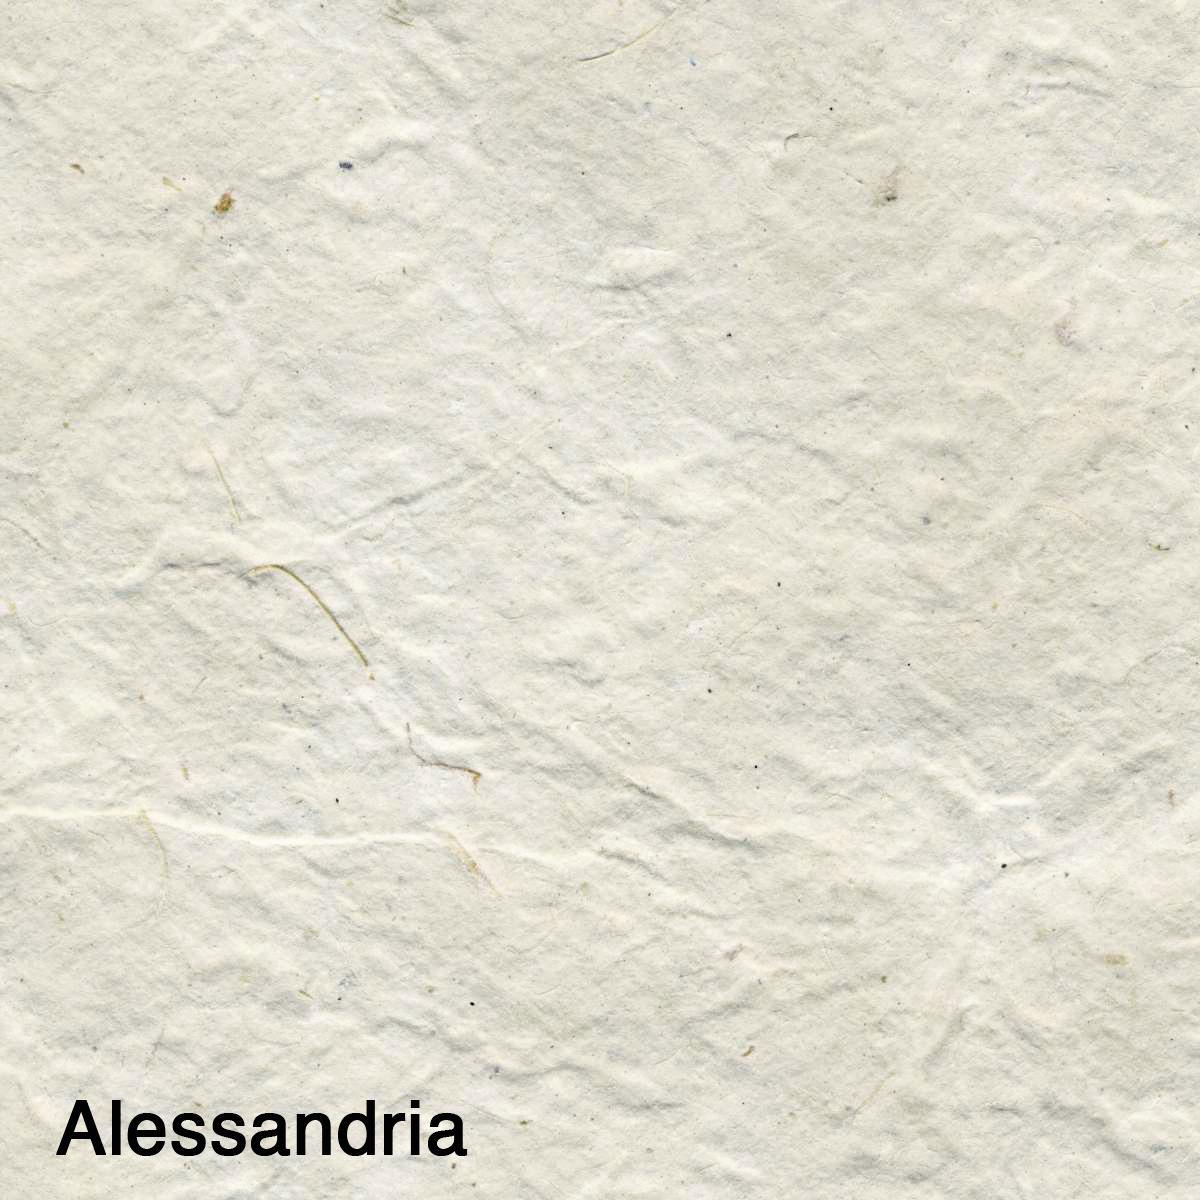 Alessandria003.jpg